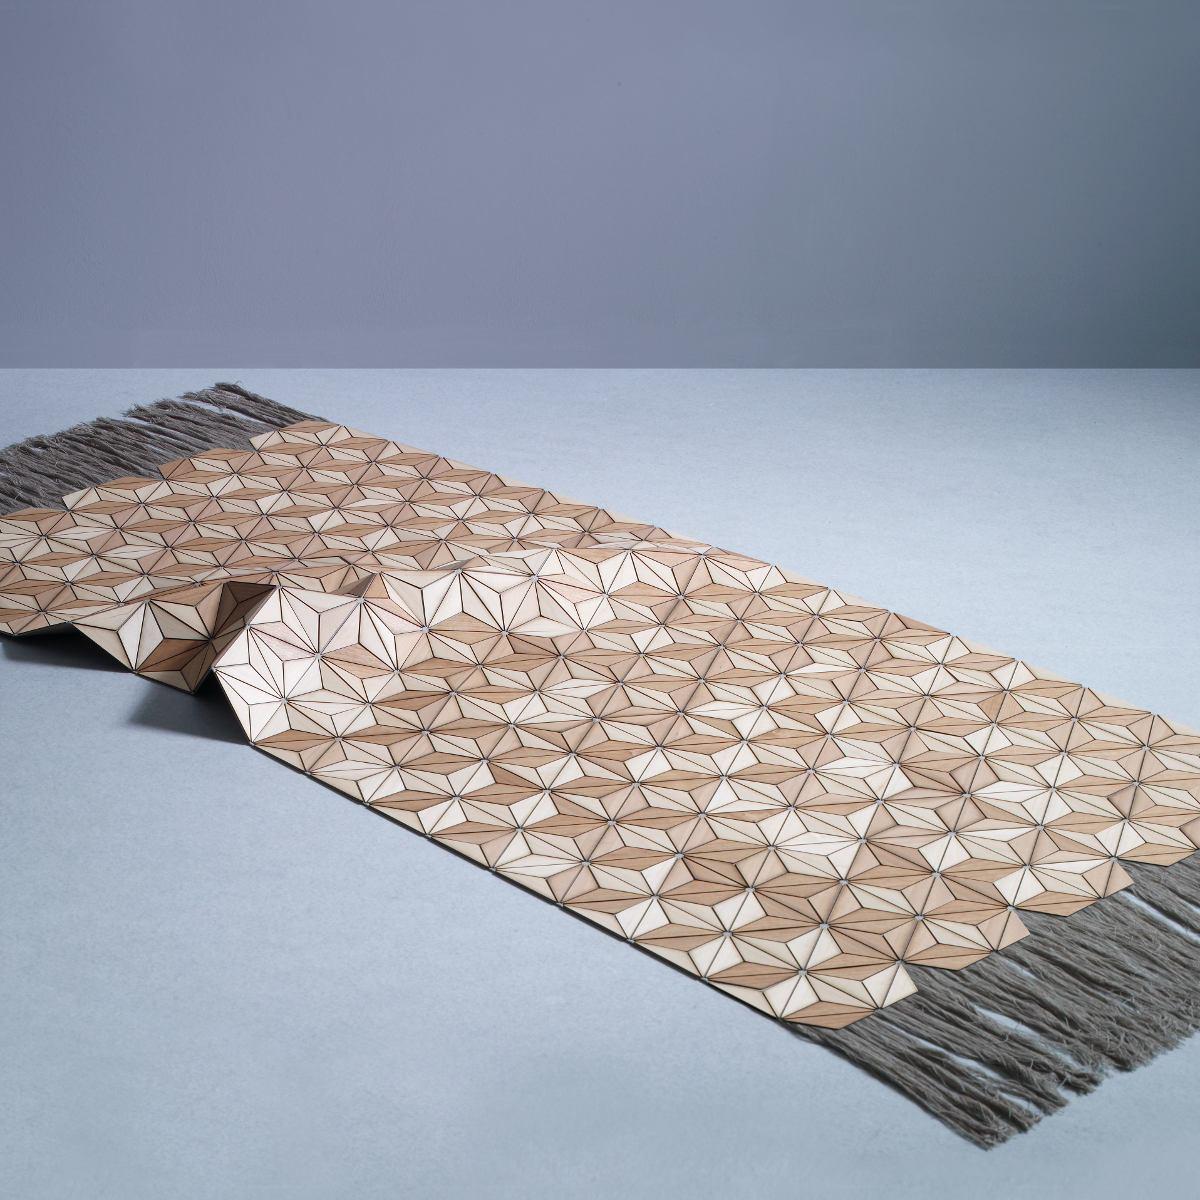 designer teppich ashdown aus holz und leinen kunstbaron. Black Bedroom Furniture Sets. Home Design Ideas